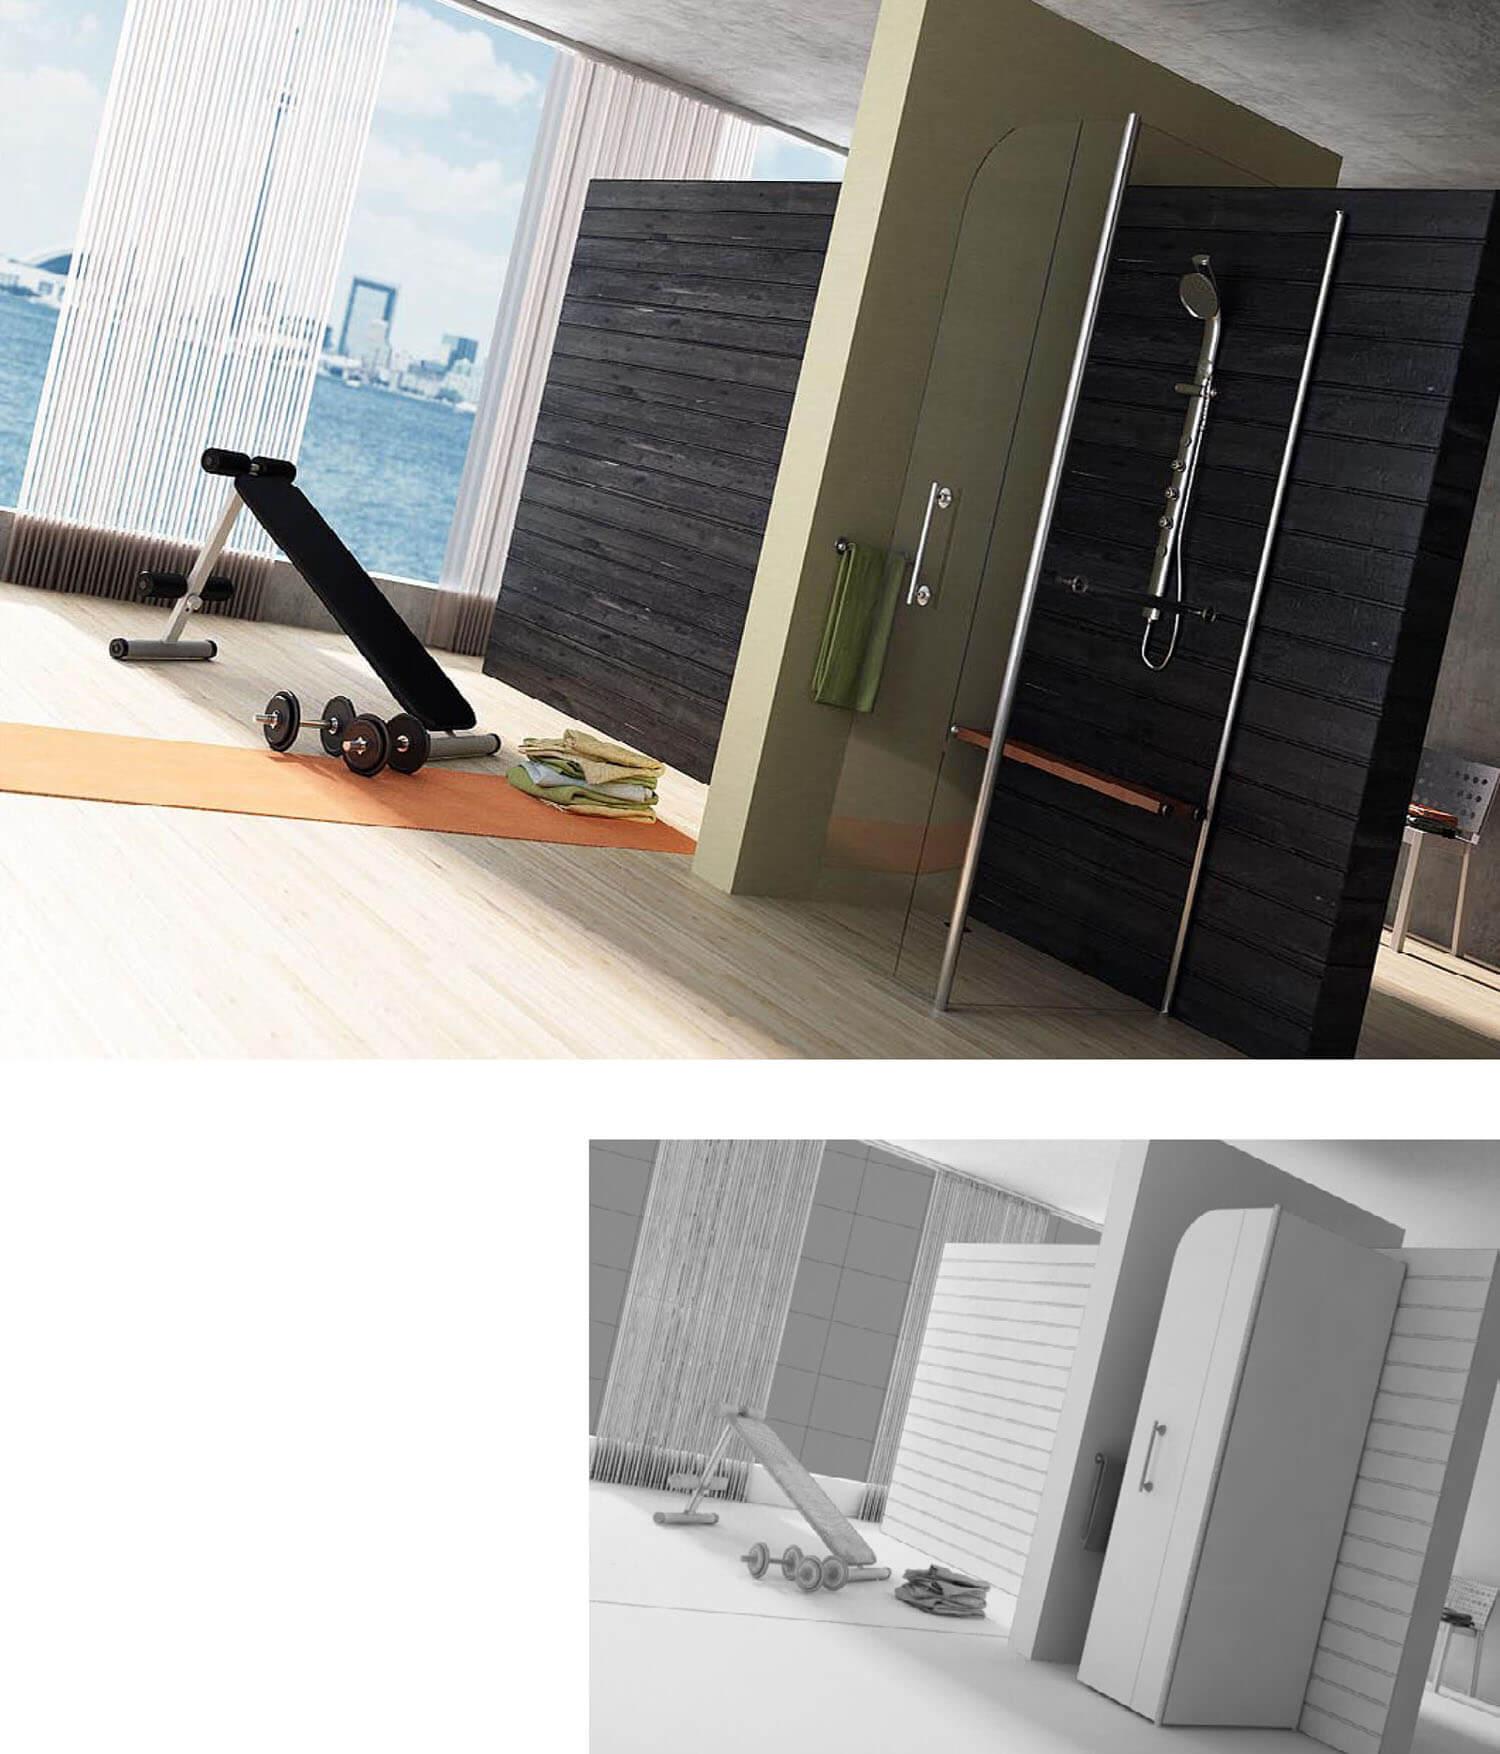 Nội thất phòng tắm sử dụng vách kính lớn đưa tầm nhìn ra xa